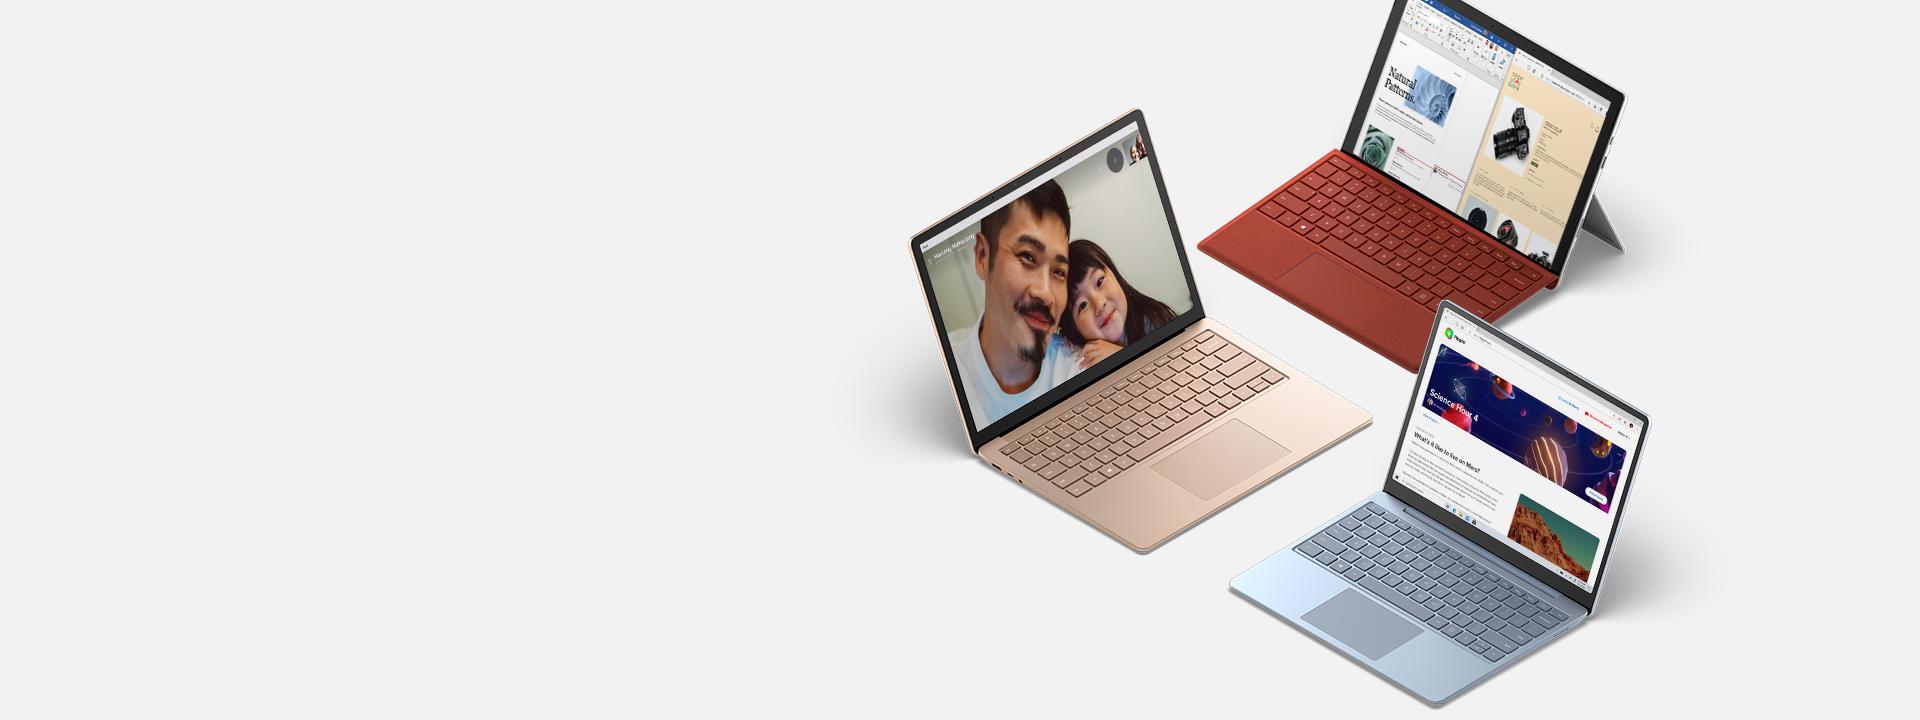 Surface Laptop、Surface Laptop Go 和 Surface Pro 7 與螢幕上各式各樣的應用程式